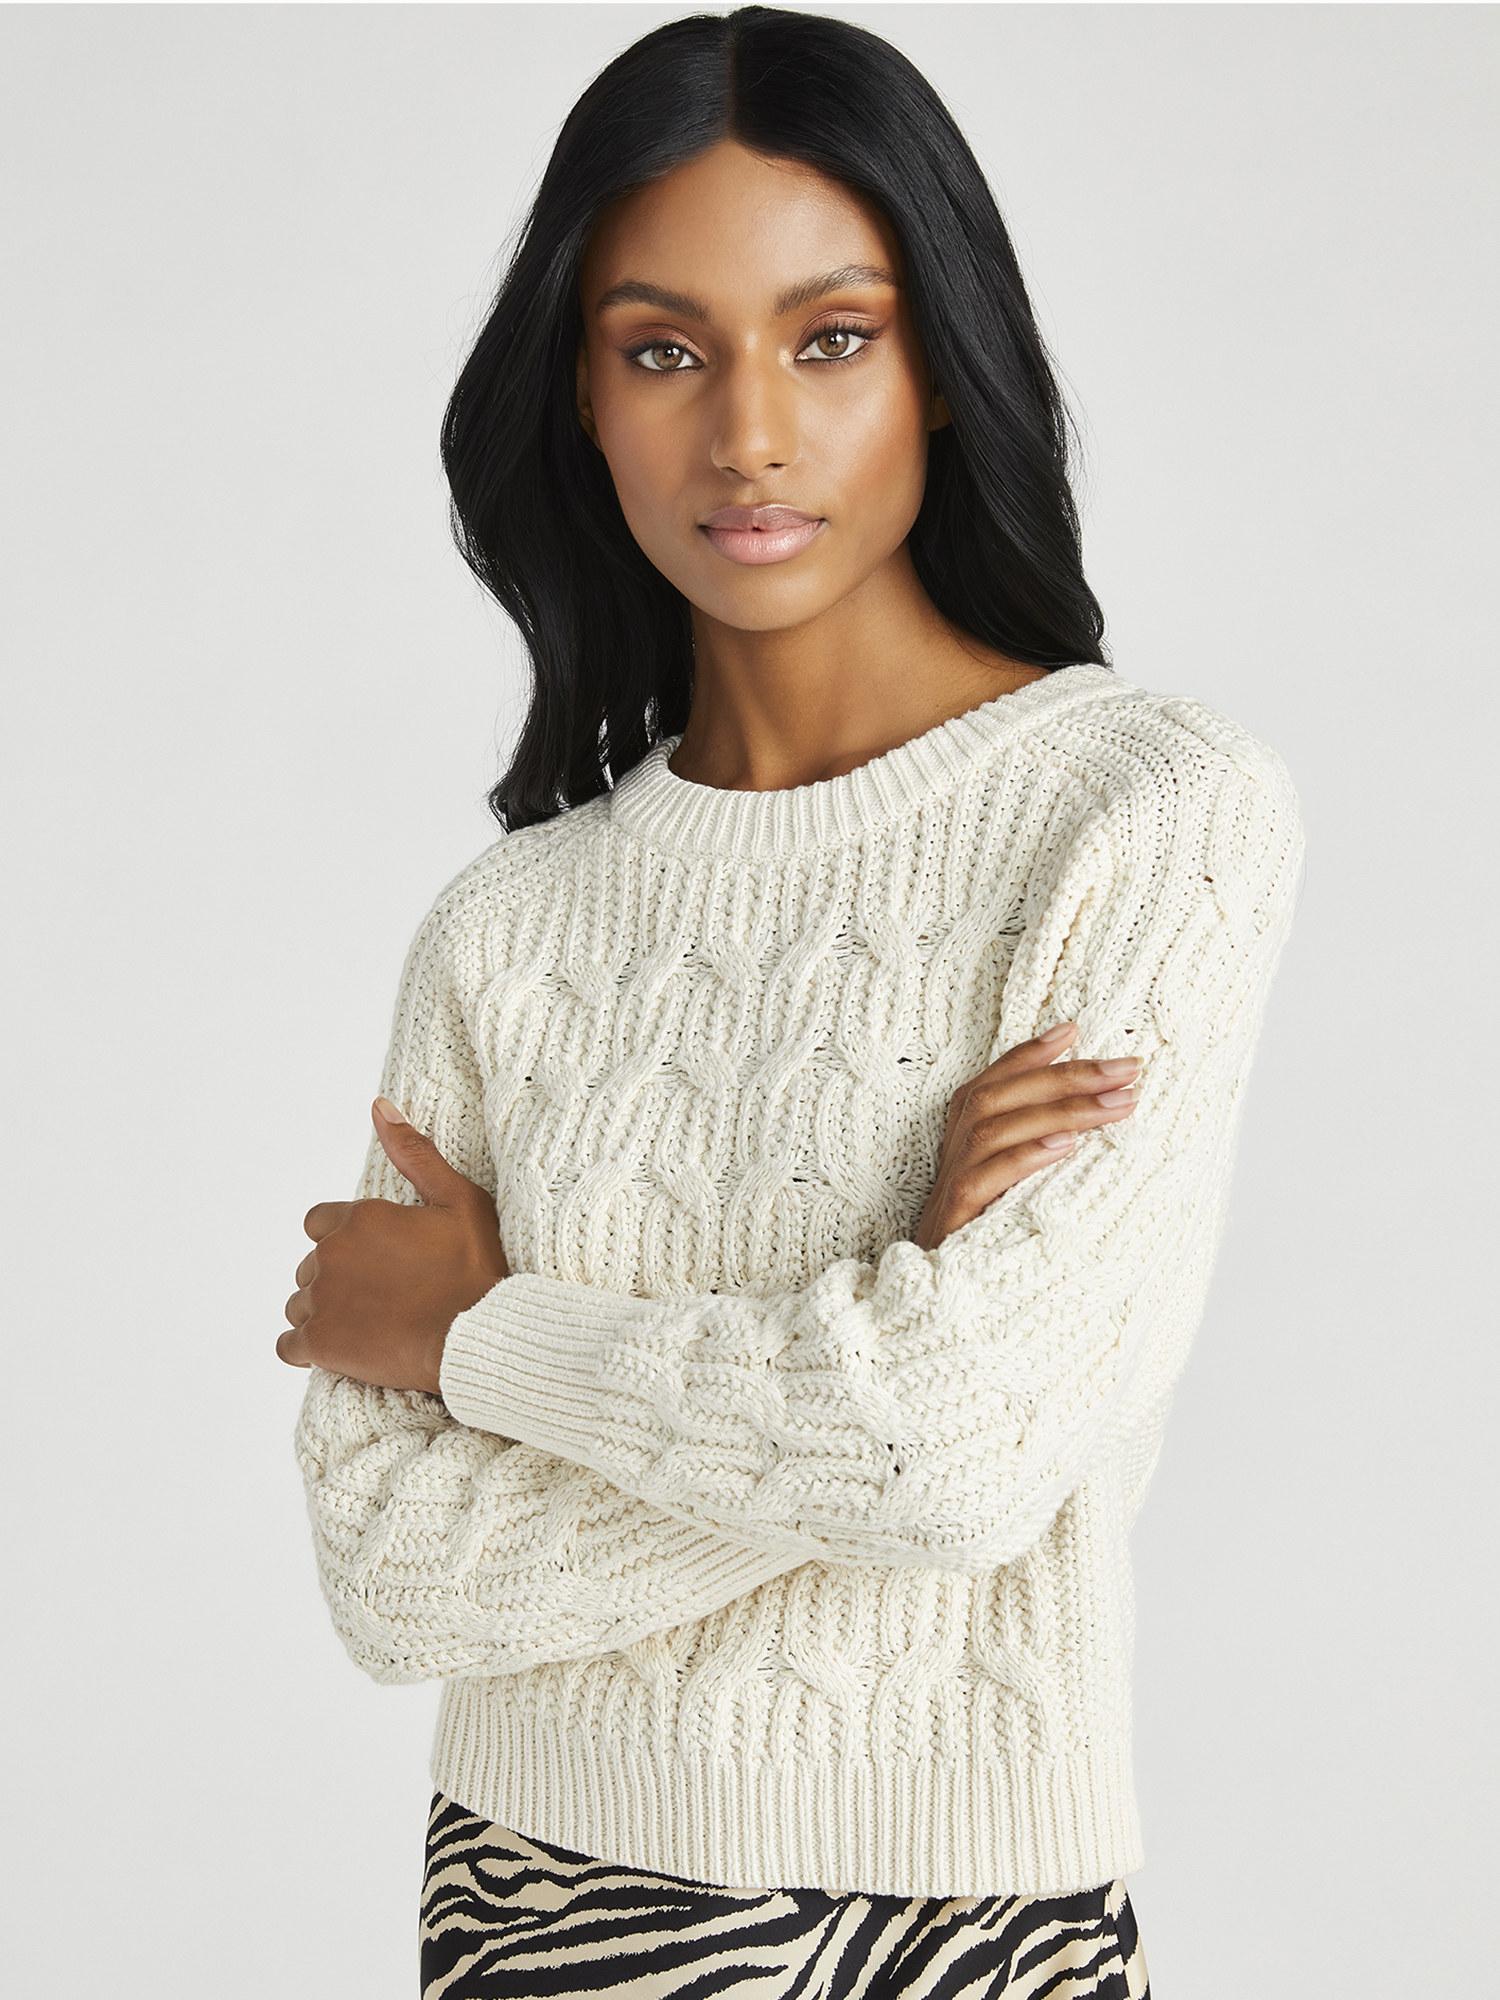 Model wears ivory sweater